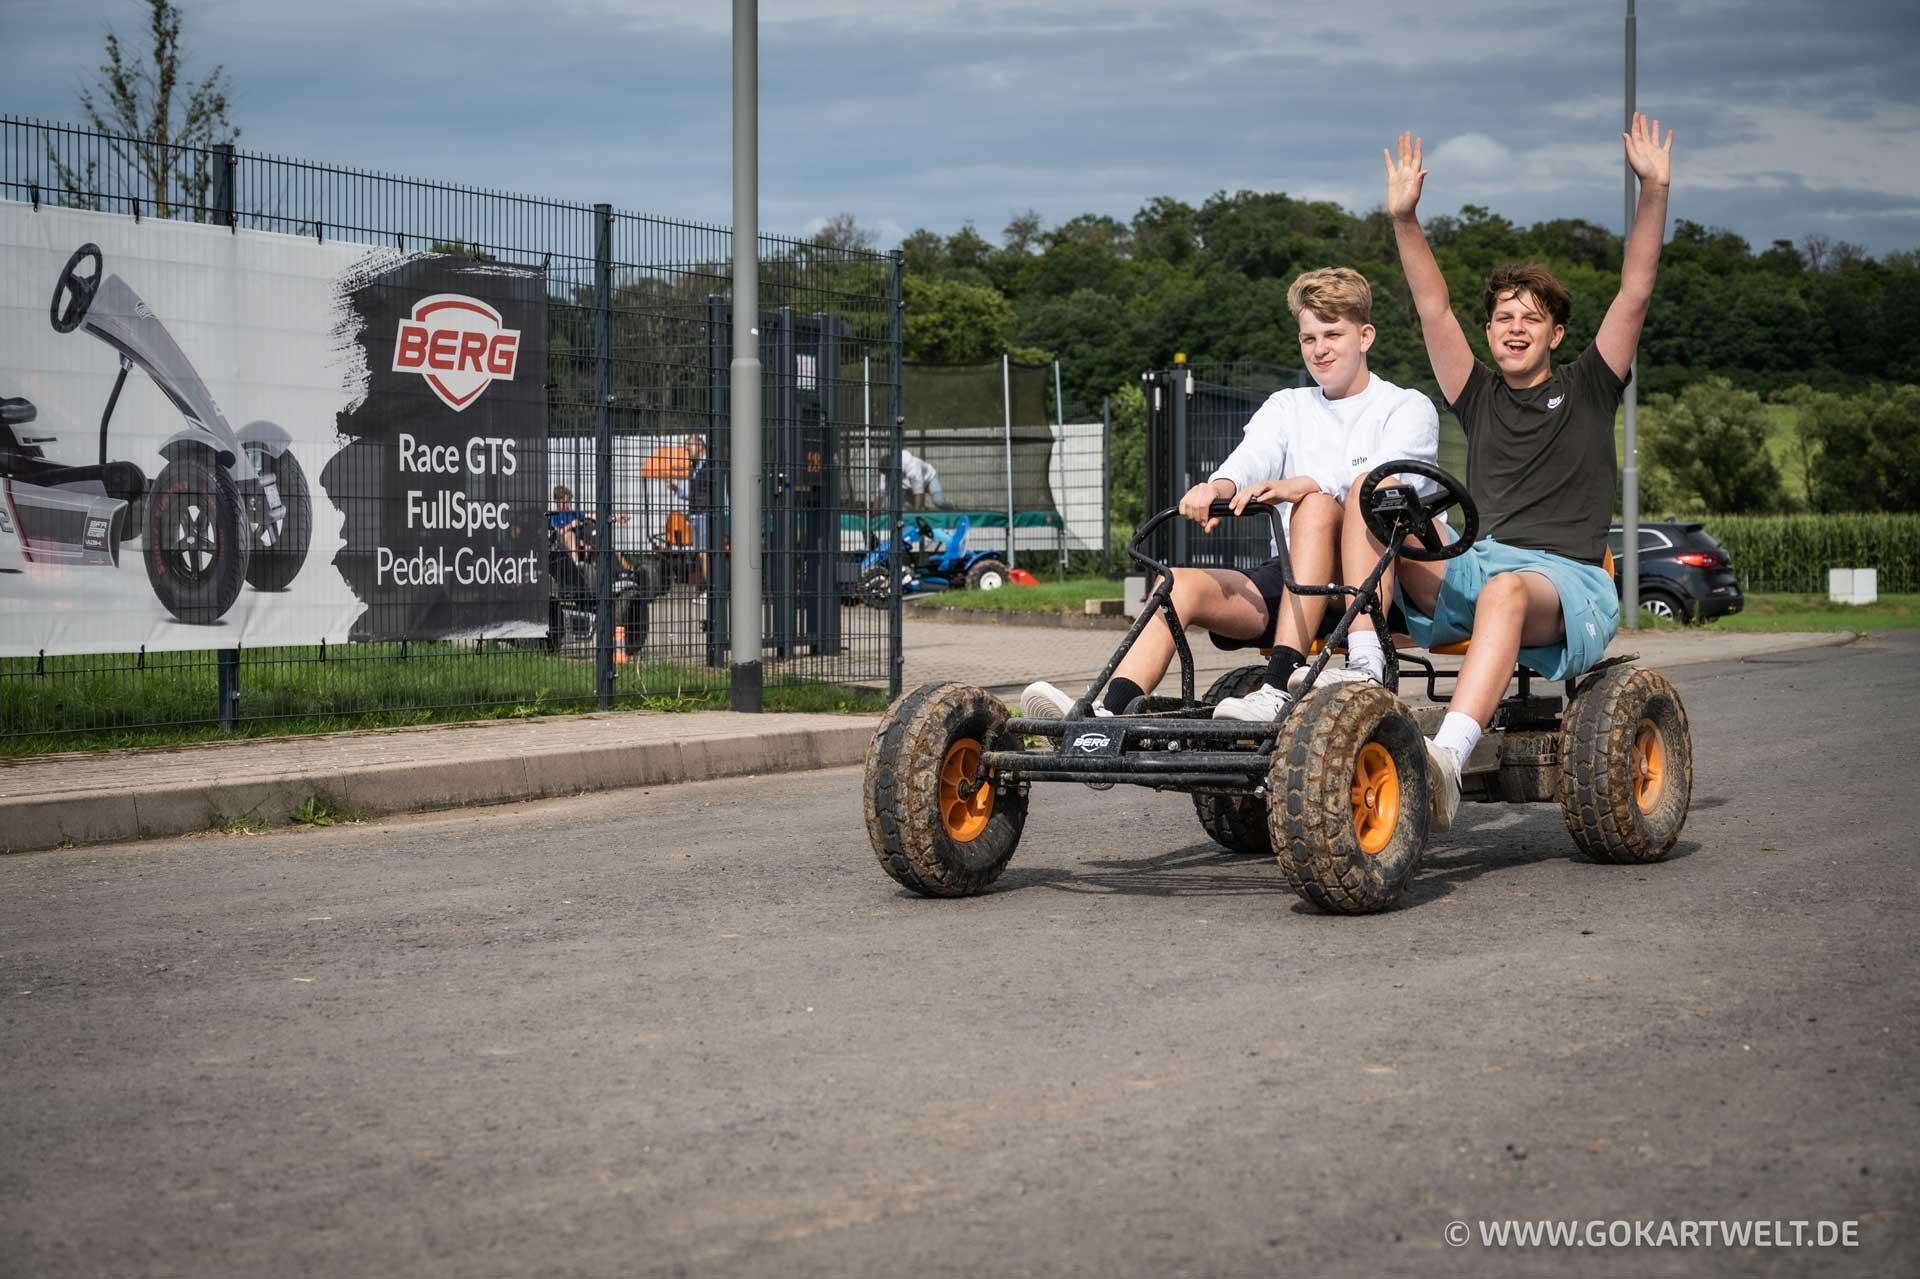 BERG Duo Coaster BFR Pedal-Gokart ist das perfekte Tretauto für zwei, Das Magazin bietet Gokart-Fahrspaß für jedes Alter.